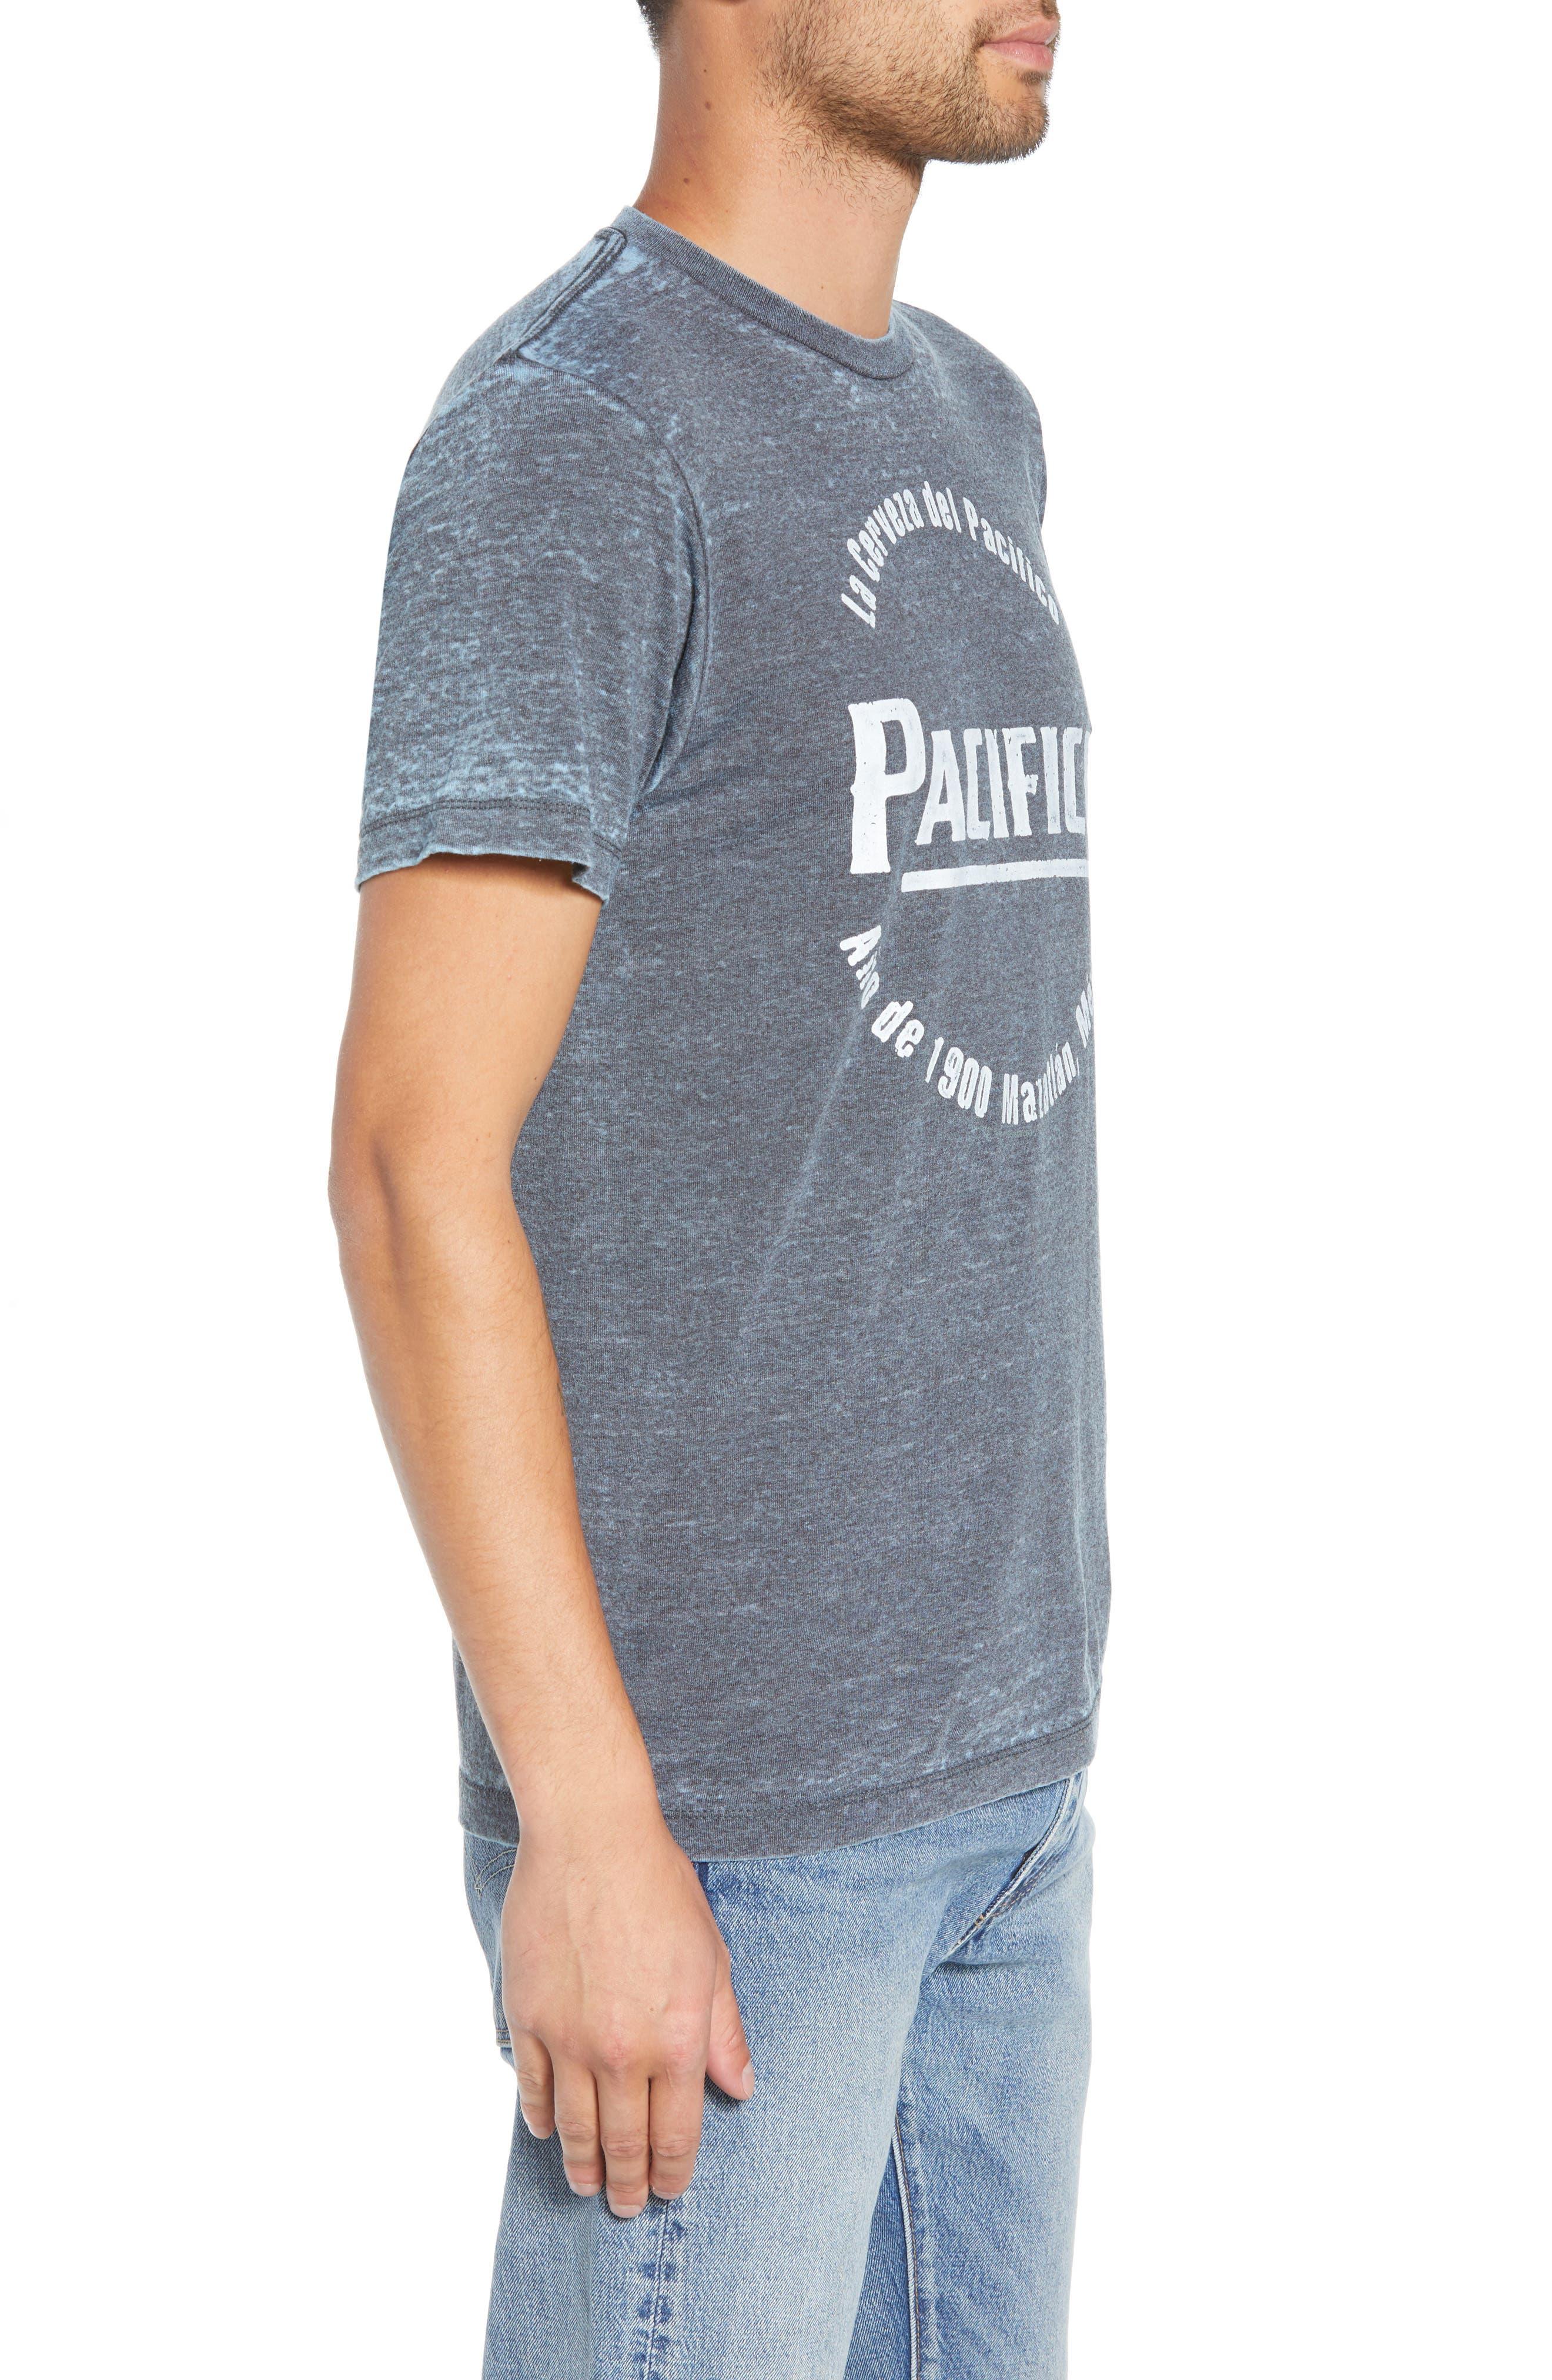 Pacifico Burnout T-Shirt,                             Alternate thumbnail 3, color,                             420